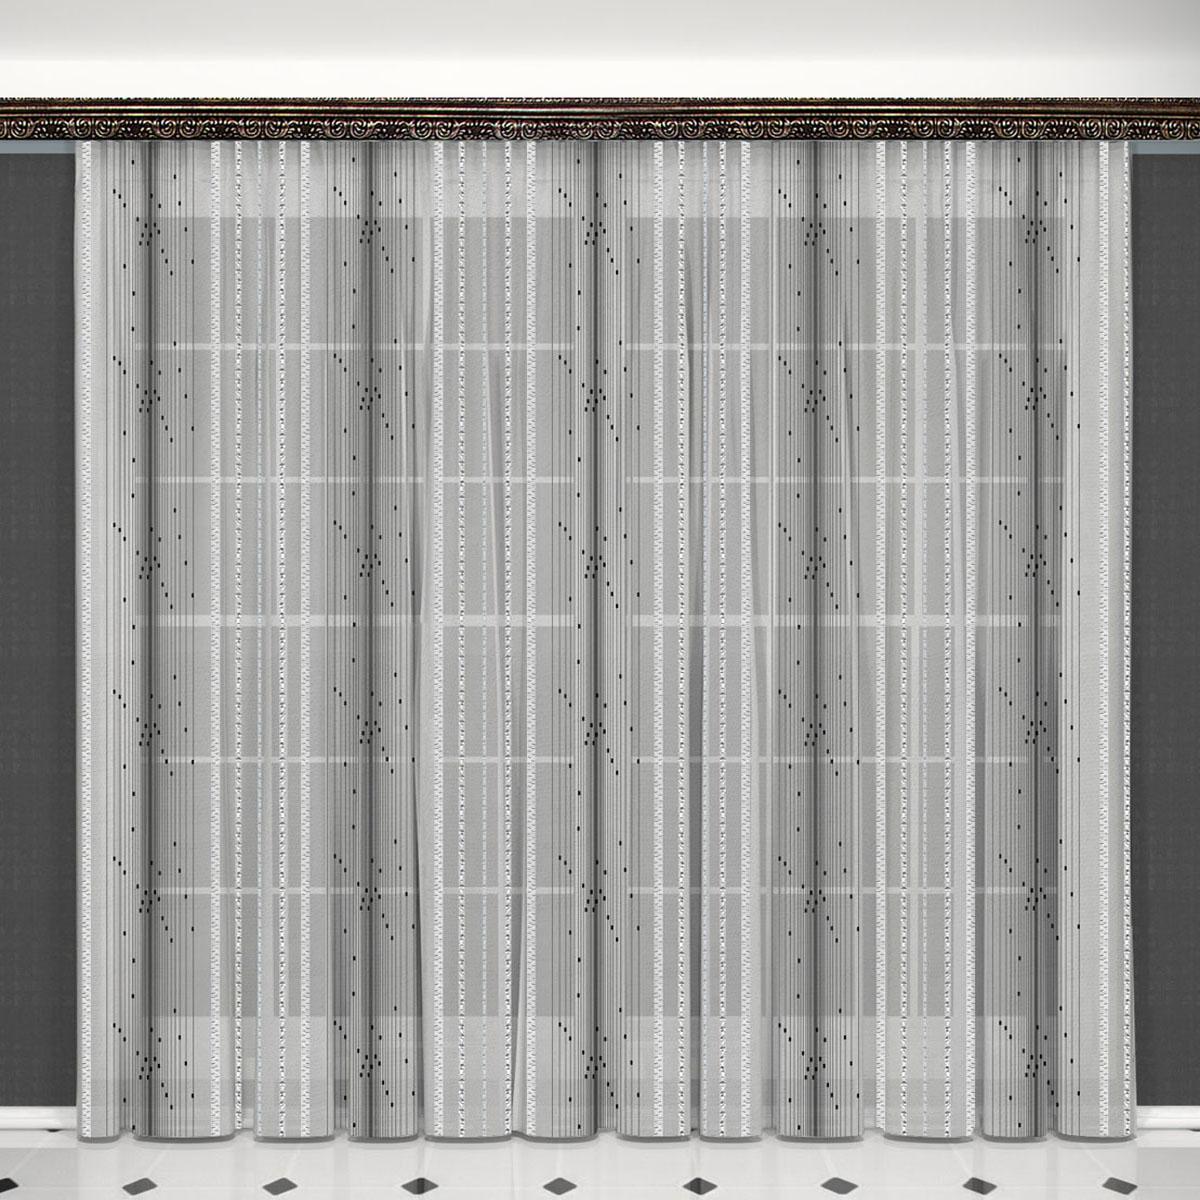 Гардина Zlata Korunka, на ленте, цвет: серый, высота 260 см. 55633GC013/00Воздушная гардина Zlata Korunka, изготовленная из высококачественного полиэстера, станет великолепным украшением любого окна. Оригинальное оформление гардины внесет разнообразие и подарит заряд положительного настроения.Крепится при помощи шторной ленты.